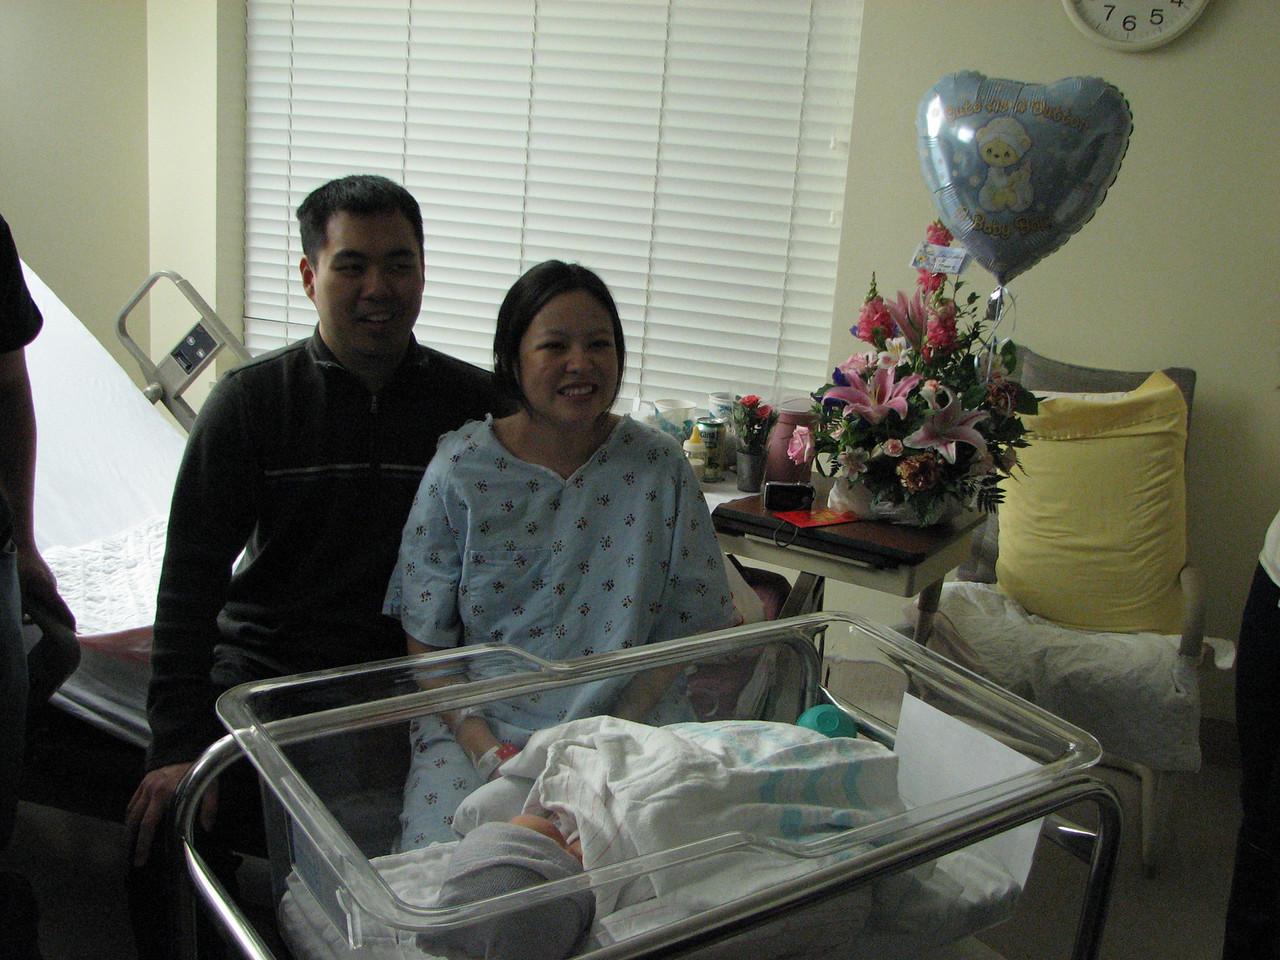 2007 03 23 Fri - Harry, Cathy, & Joshua Huang